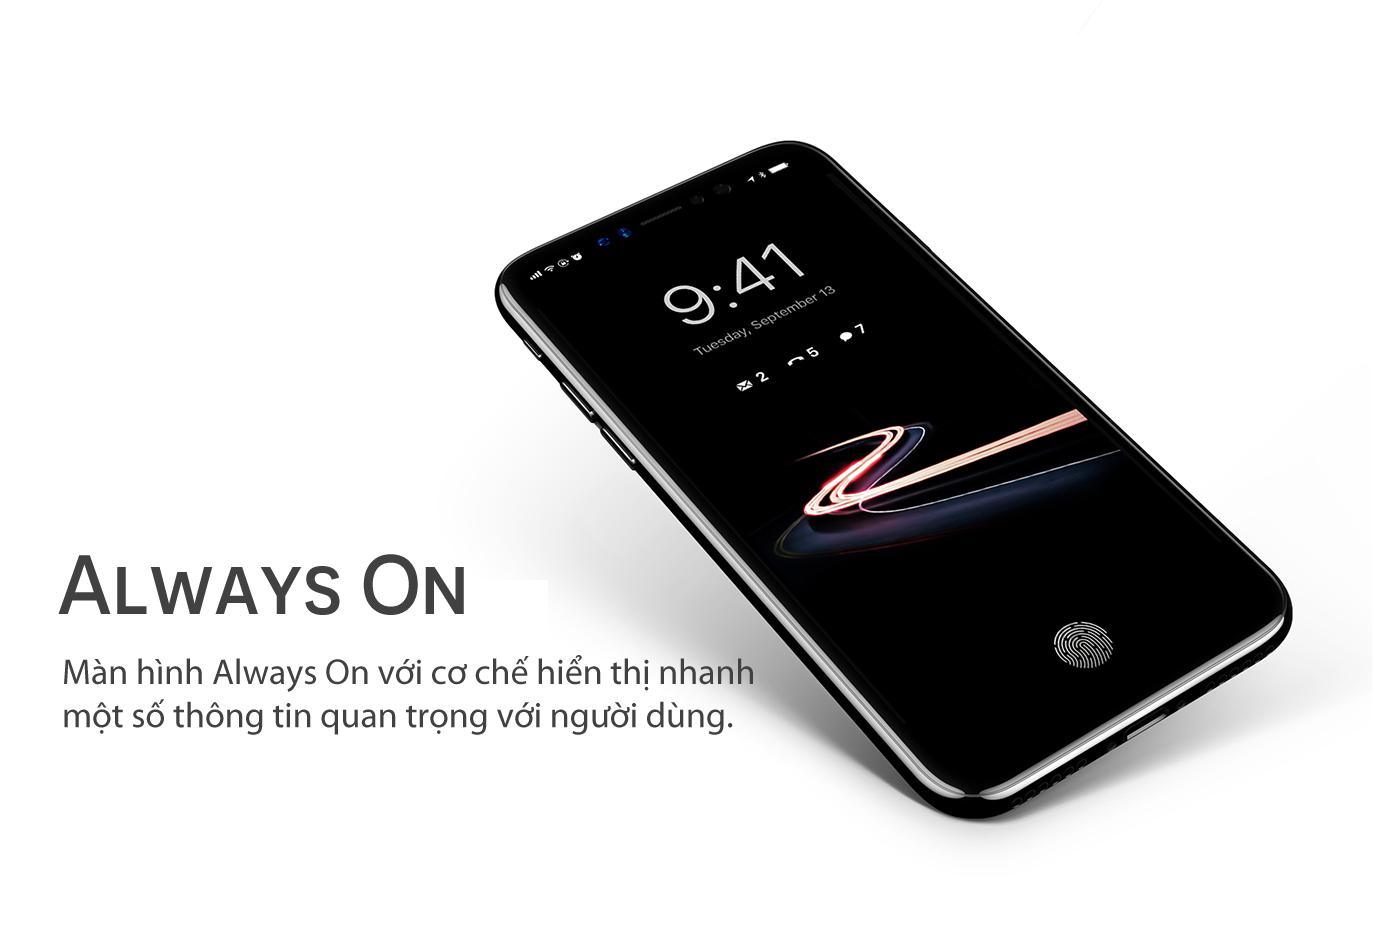 Ngắm tường tận từng ngóc ngách của iPhone 8 để xem nó tuyệt vời đến mức nào - Ảnh 4.